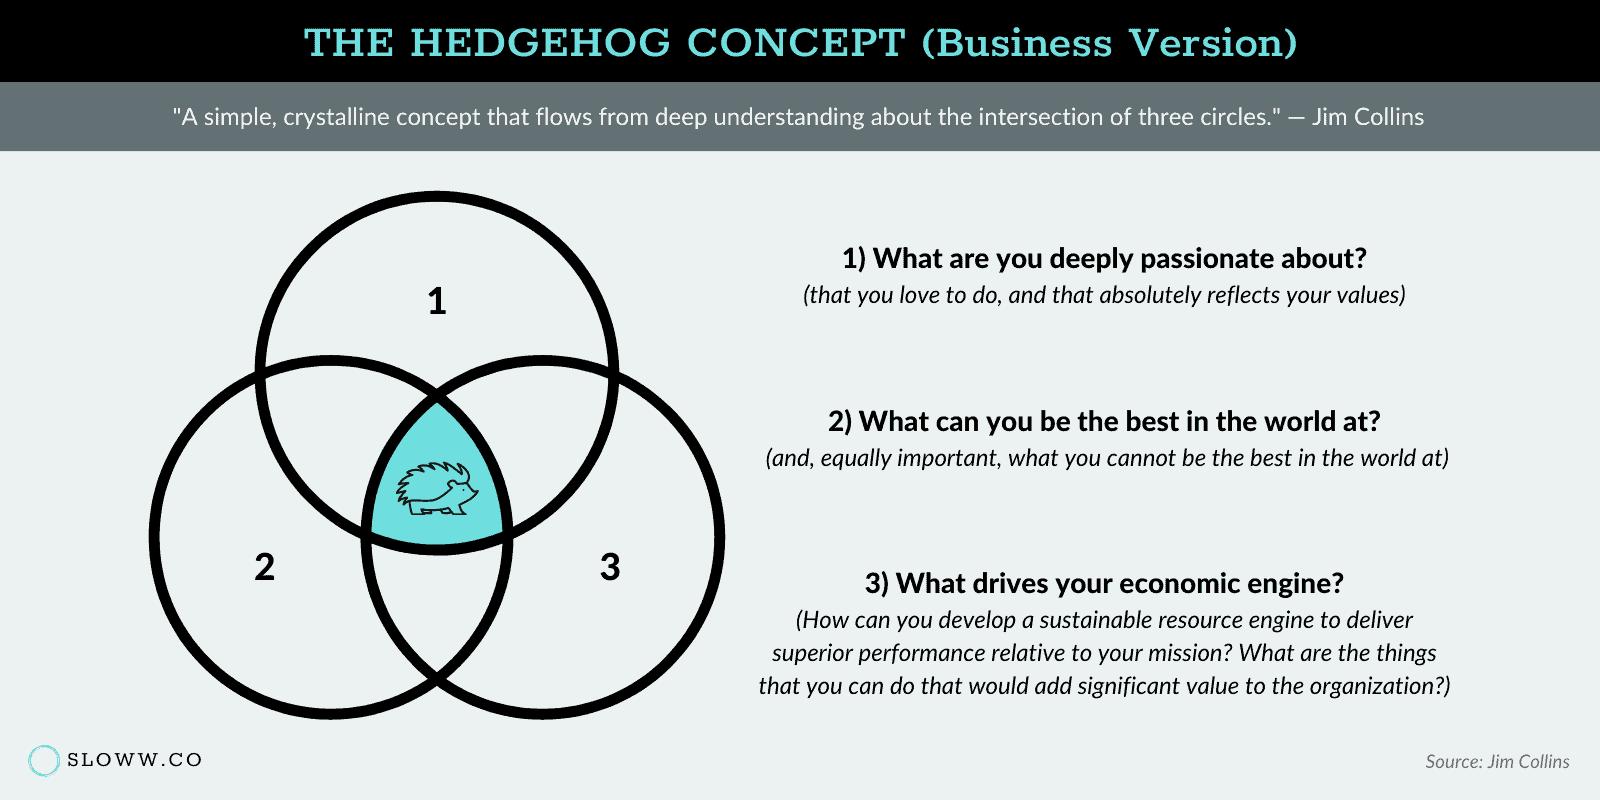 Sloww Jim Collins Hedgehog Concept Business Version